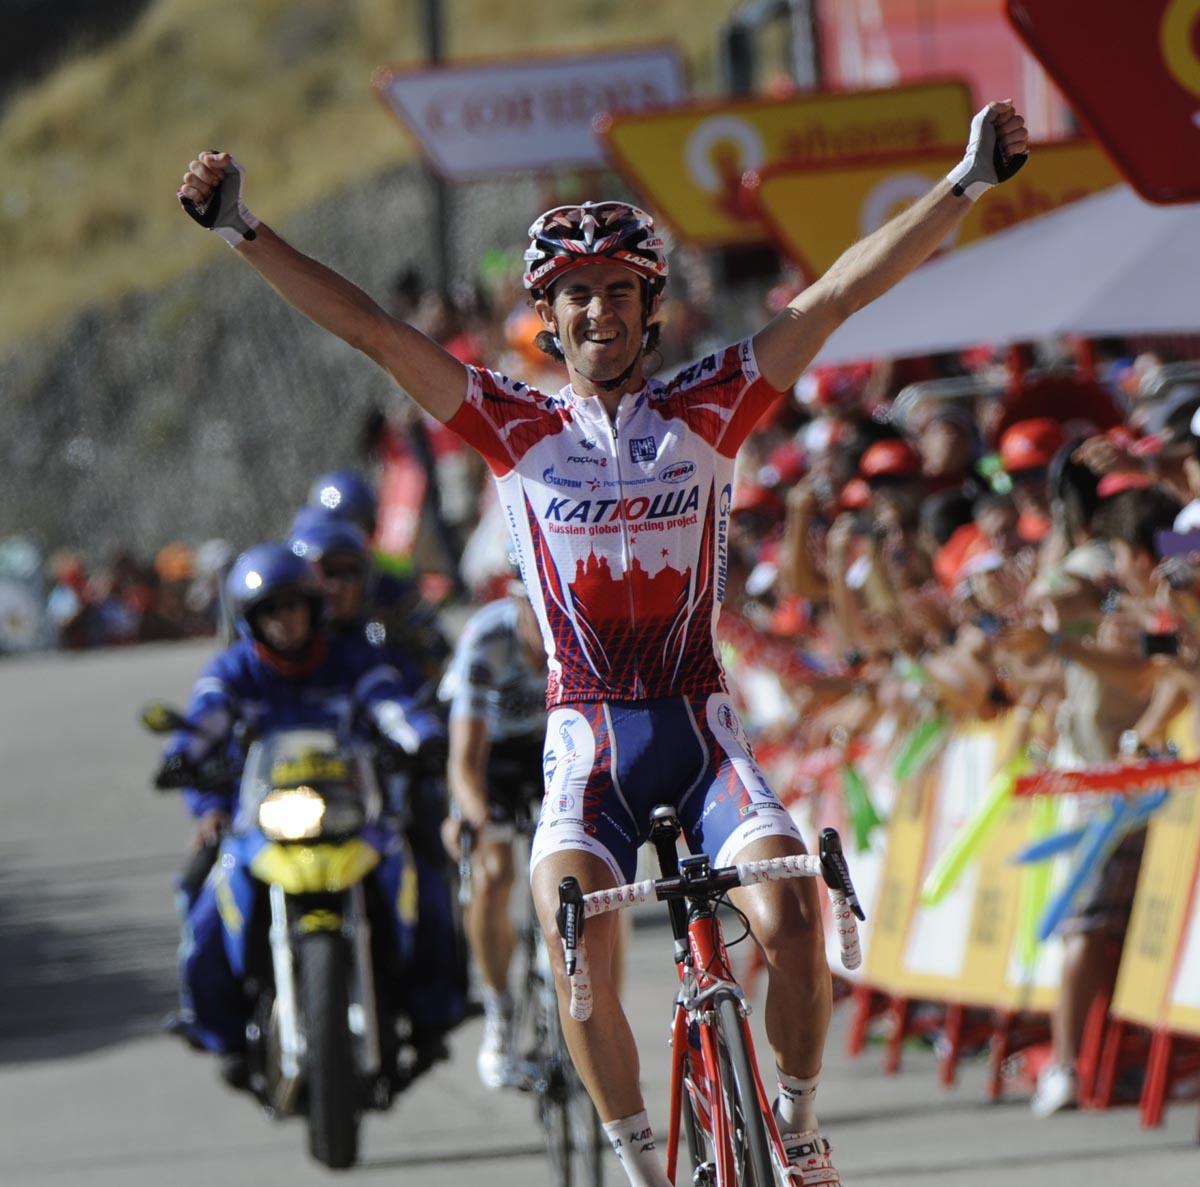 Daniel Moreno wins, Vuelta a Espana 2011, stage four